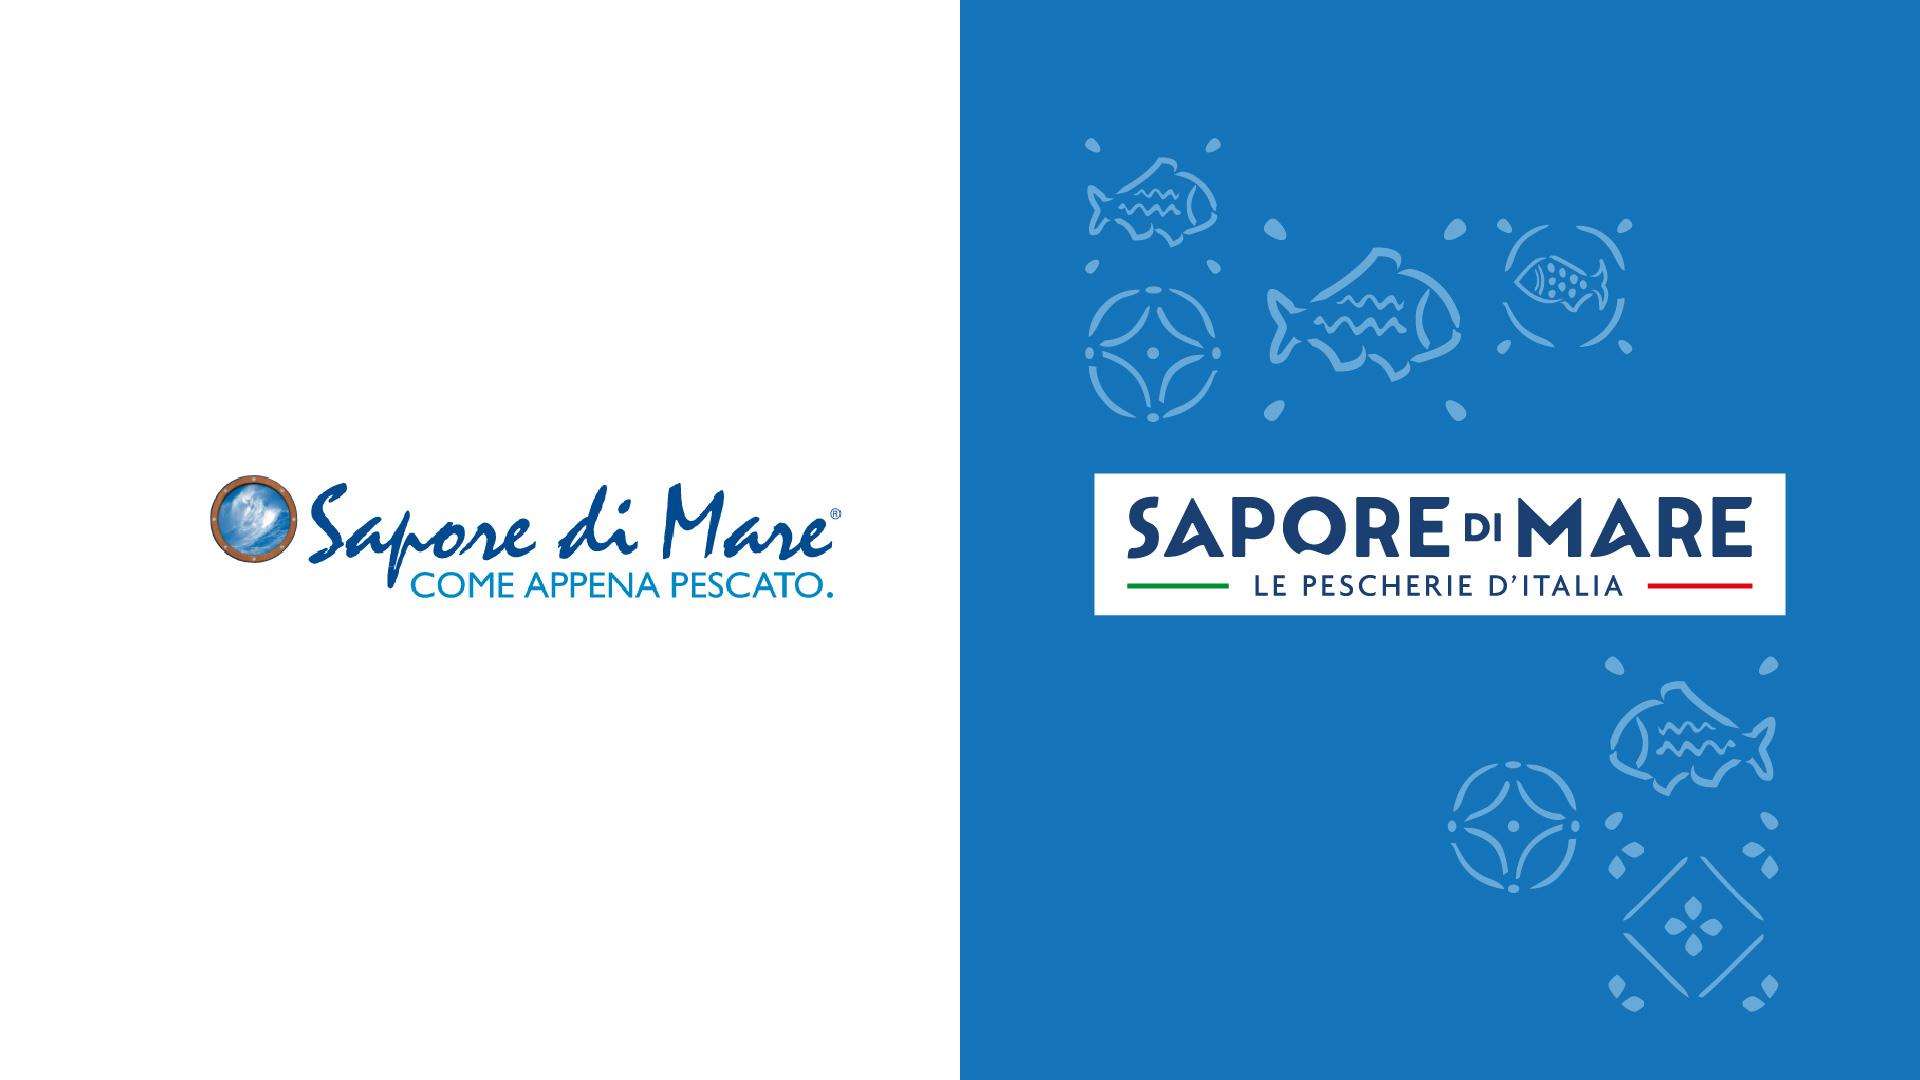 Sapore-Di-Mare-Rba-Design-002A